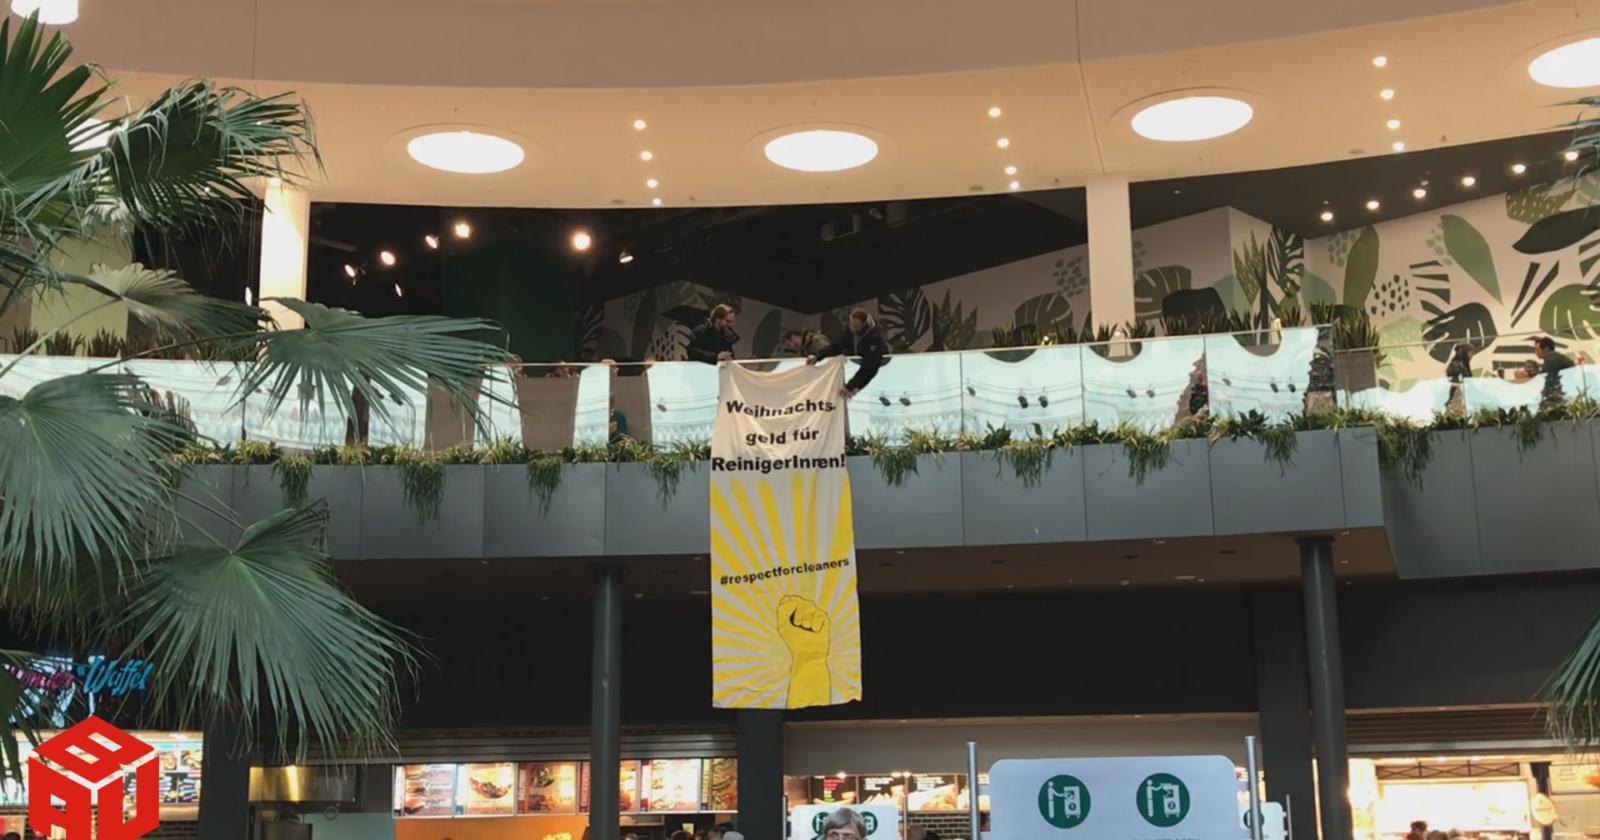 Flashmob und Info-Aktionen im Centro und am Flughafen Köln-Bonn. Dann wenden wir uns doch einmal an die Kunden...